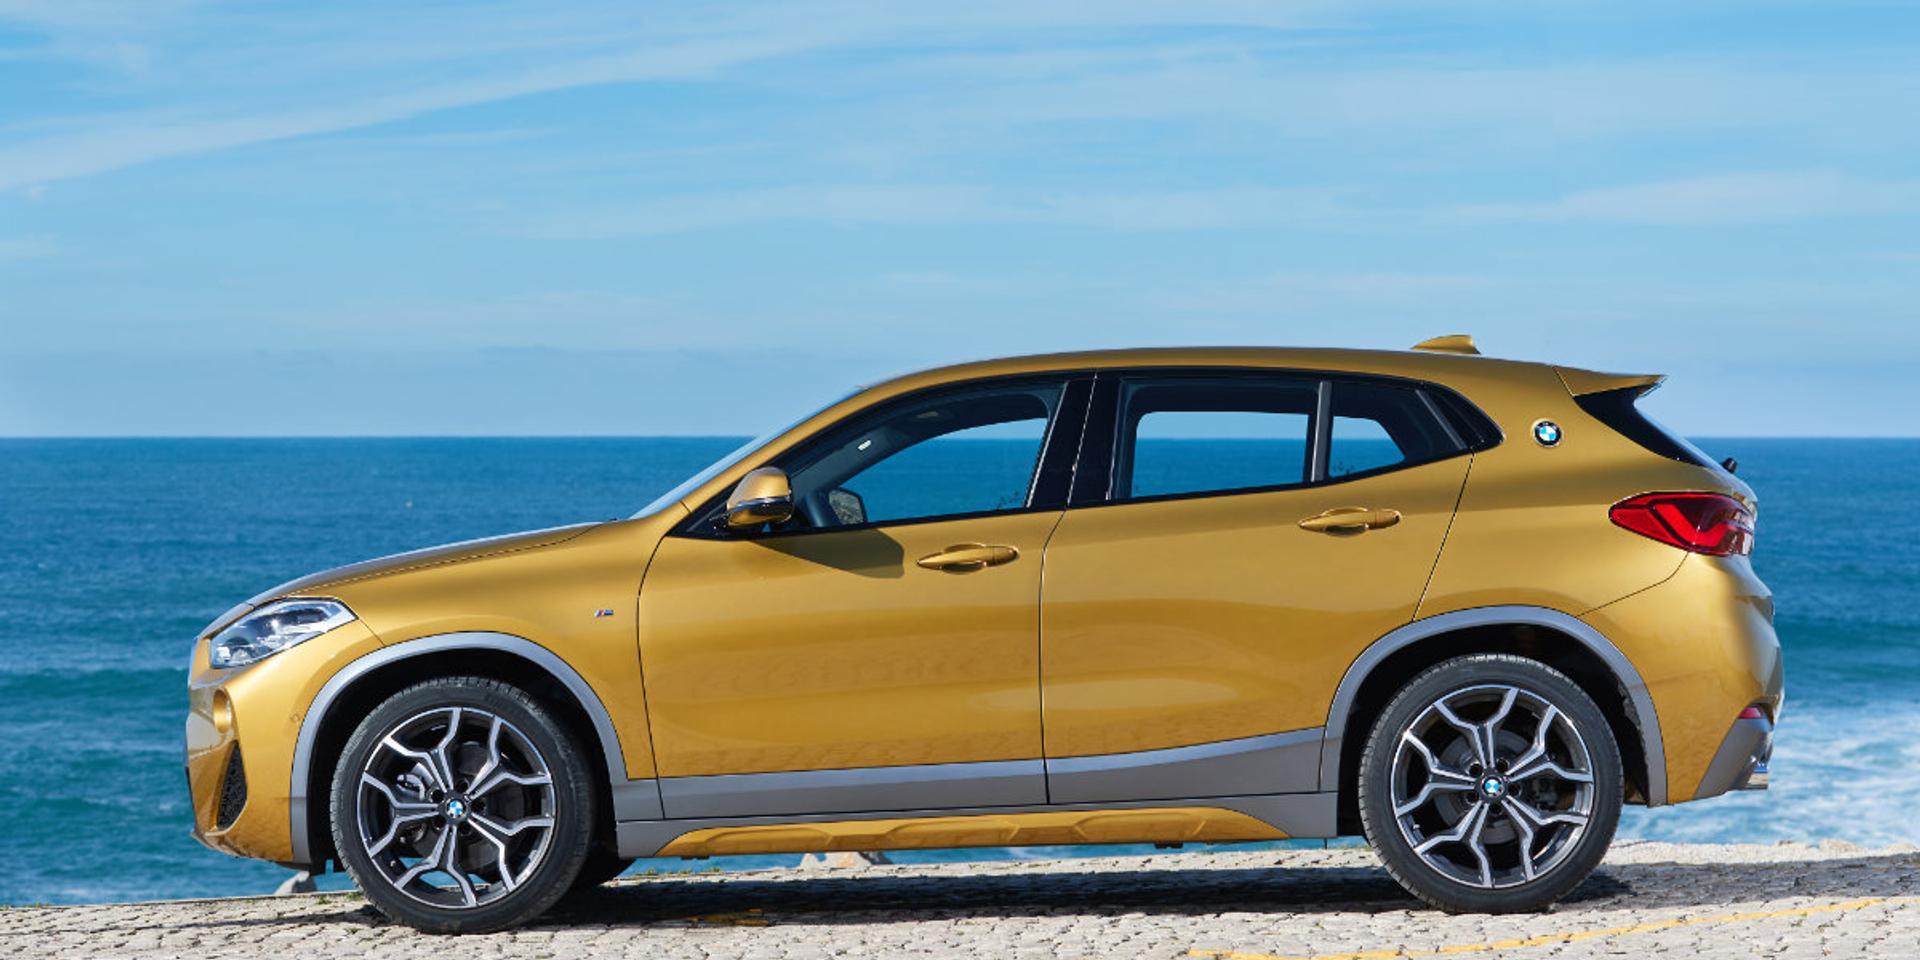 BMW X2 side view